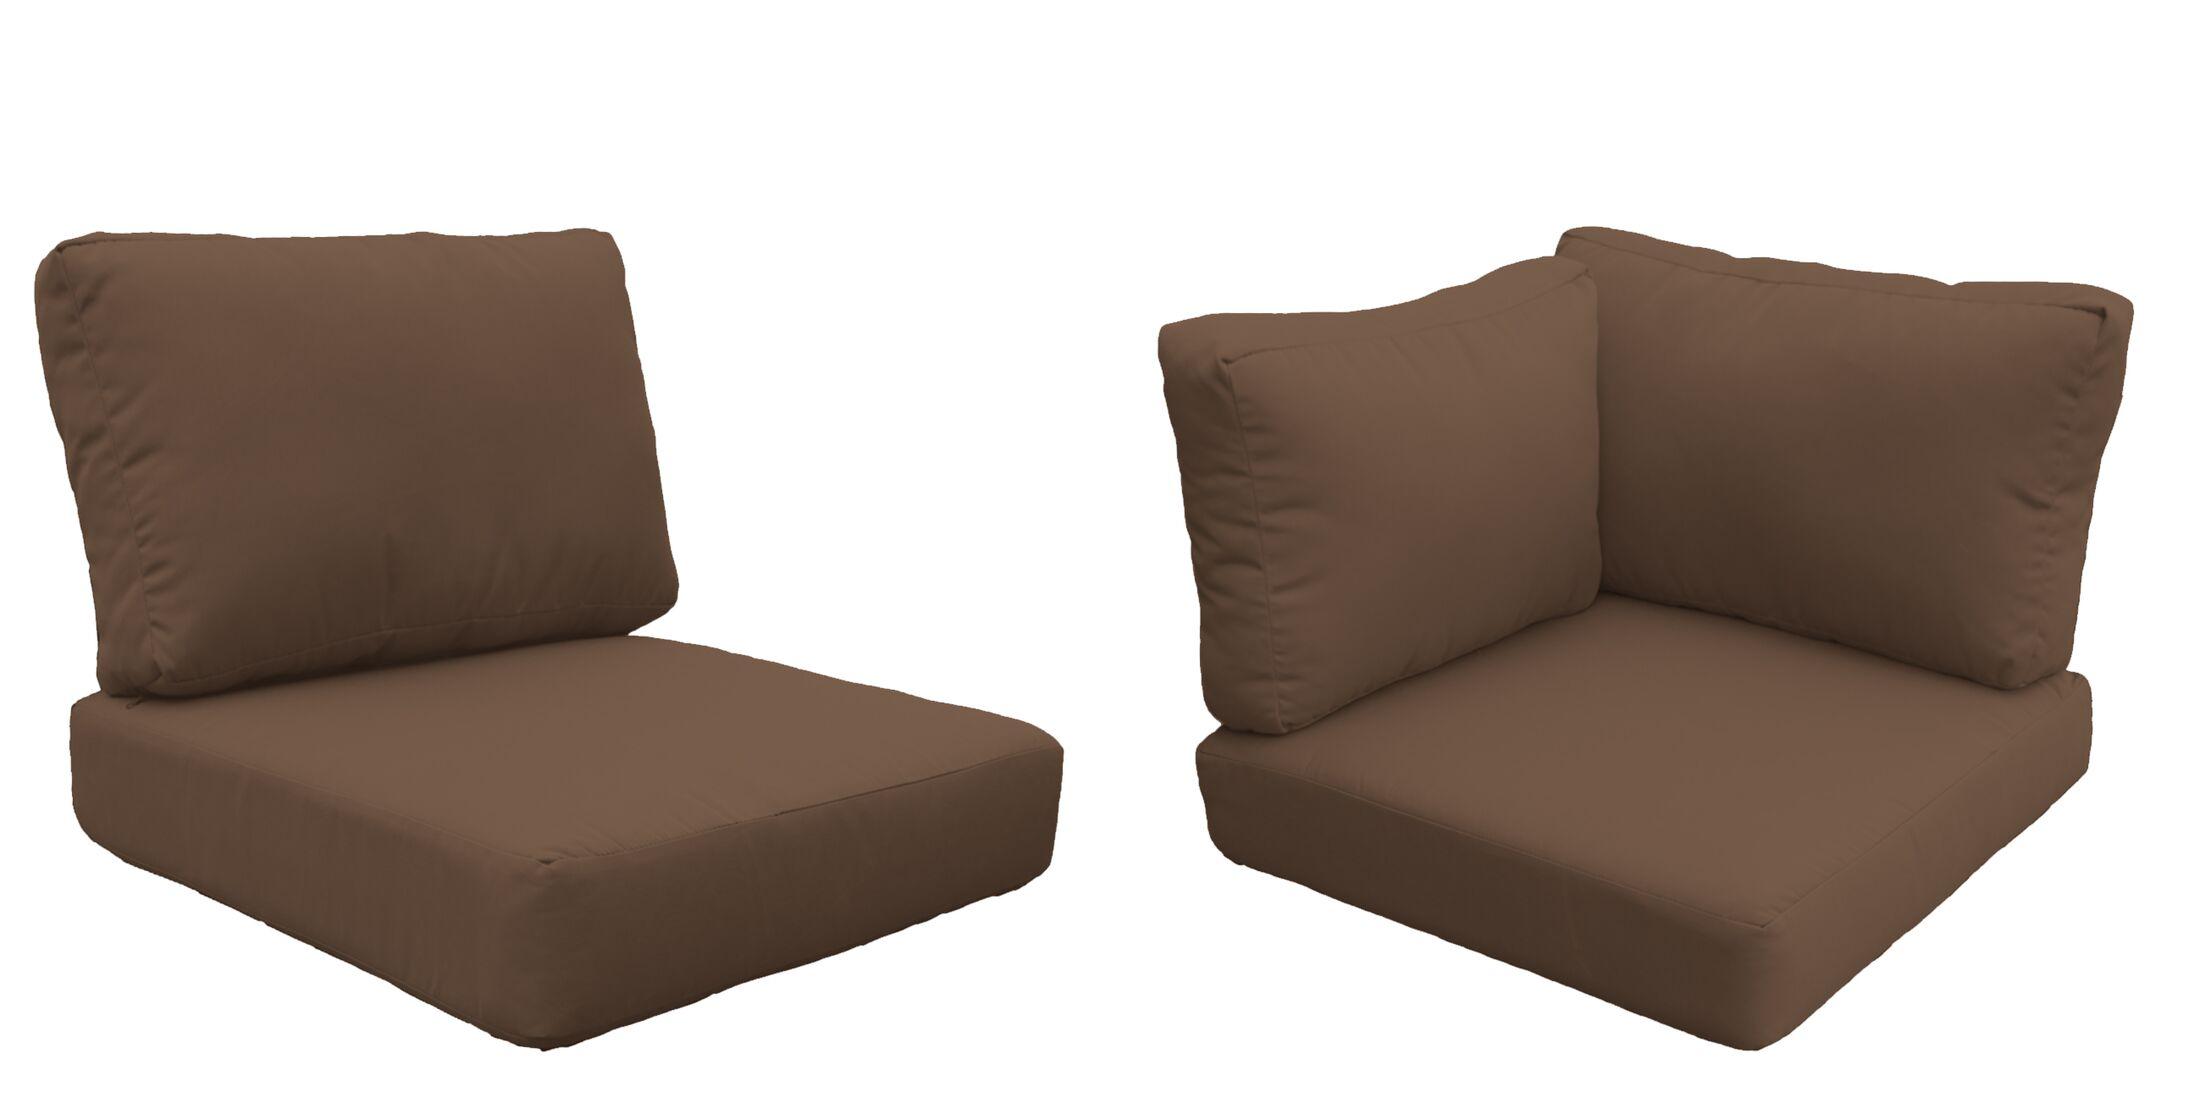 Barbados 17 Piece Outdoor Cushion Set Fabric: Cocoa